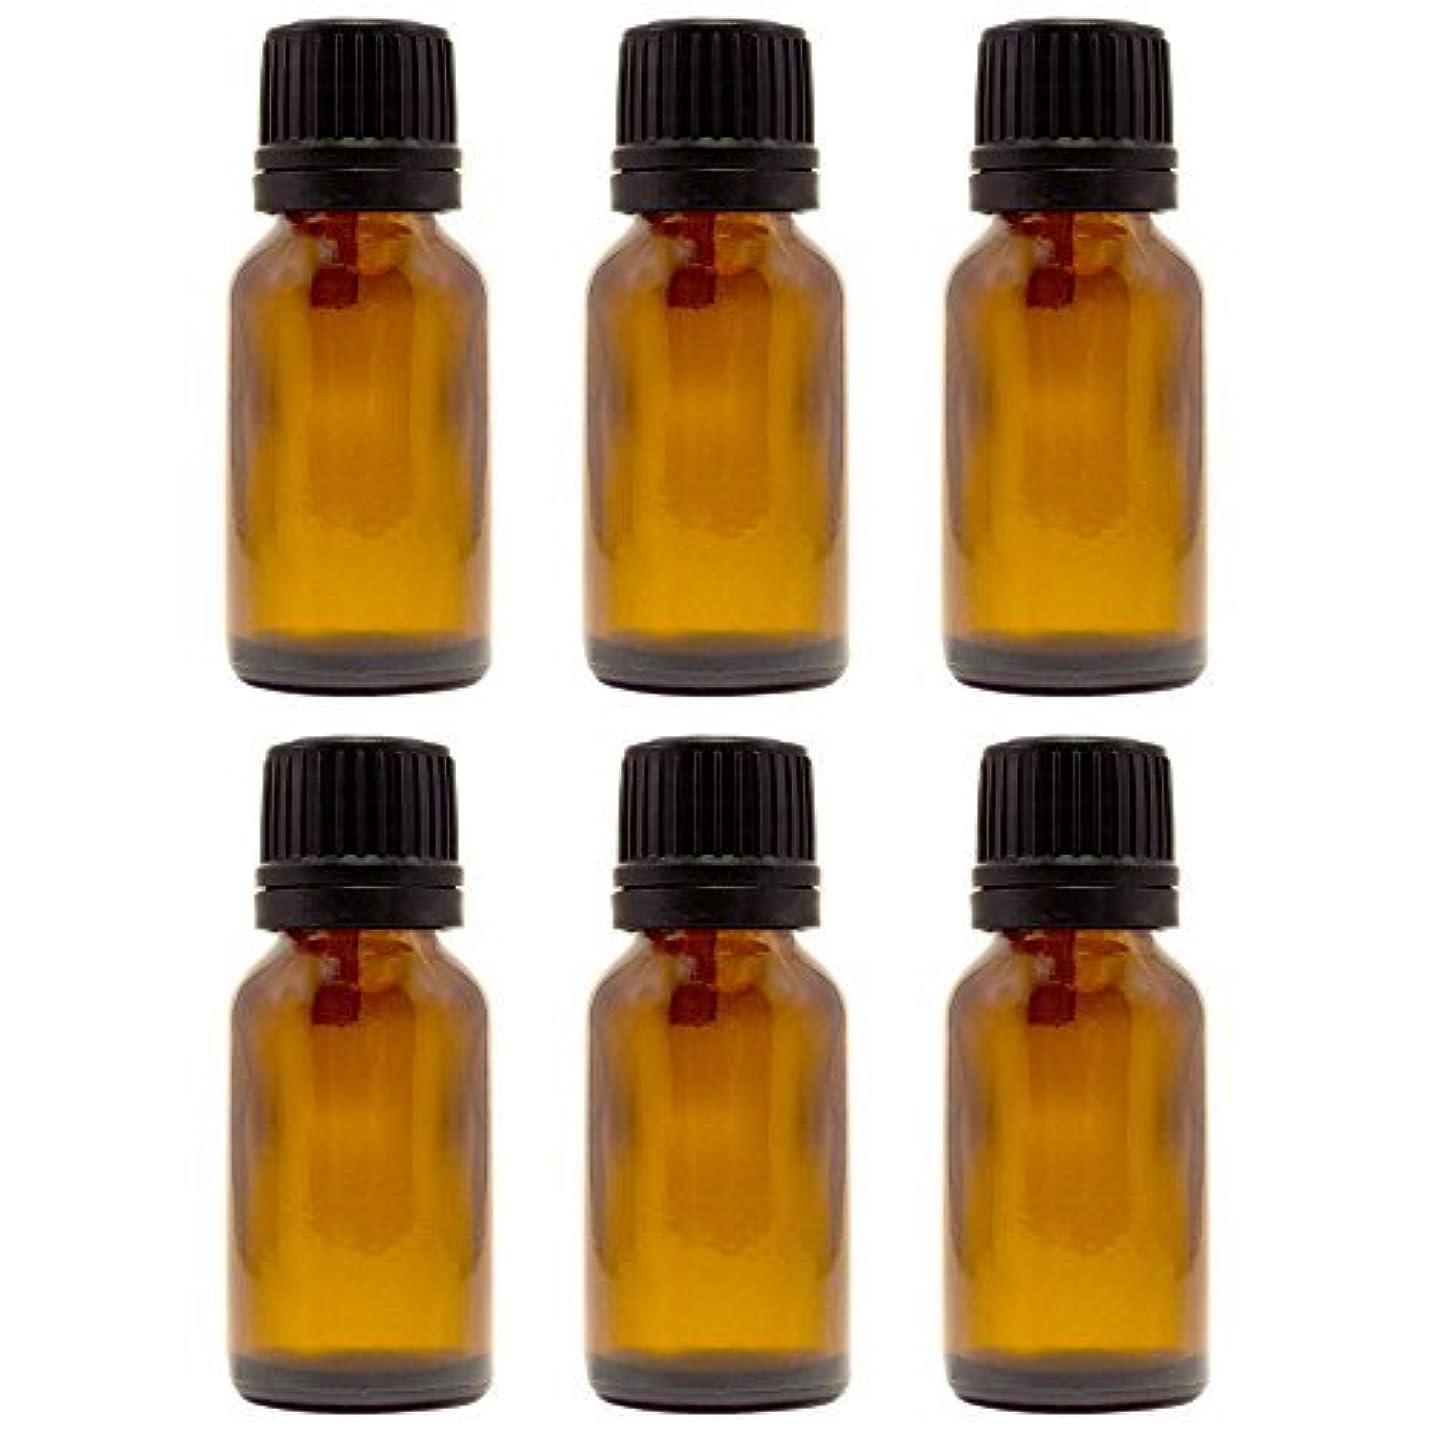 無数の成功縫う15 ml (1/2 fl oz) Amber Glass Bottle with Euro Dropper (6 Pack) [並行輸入品]